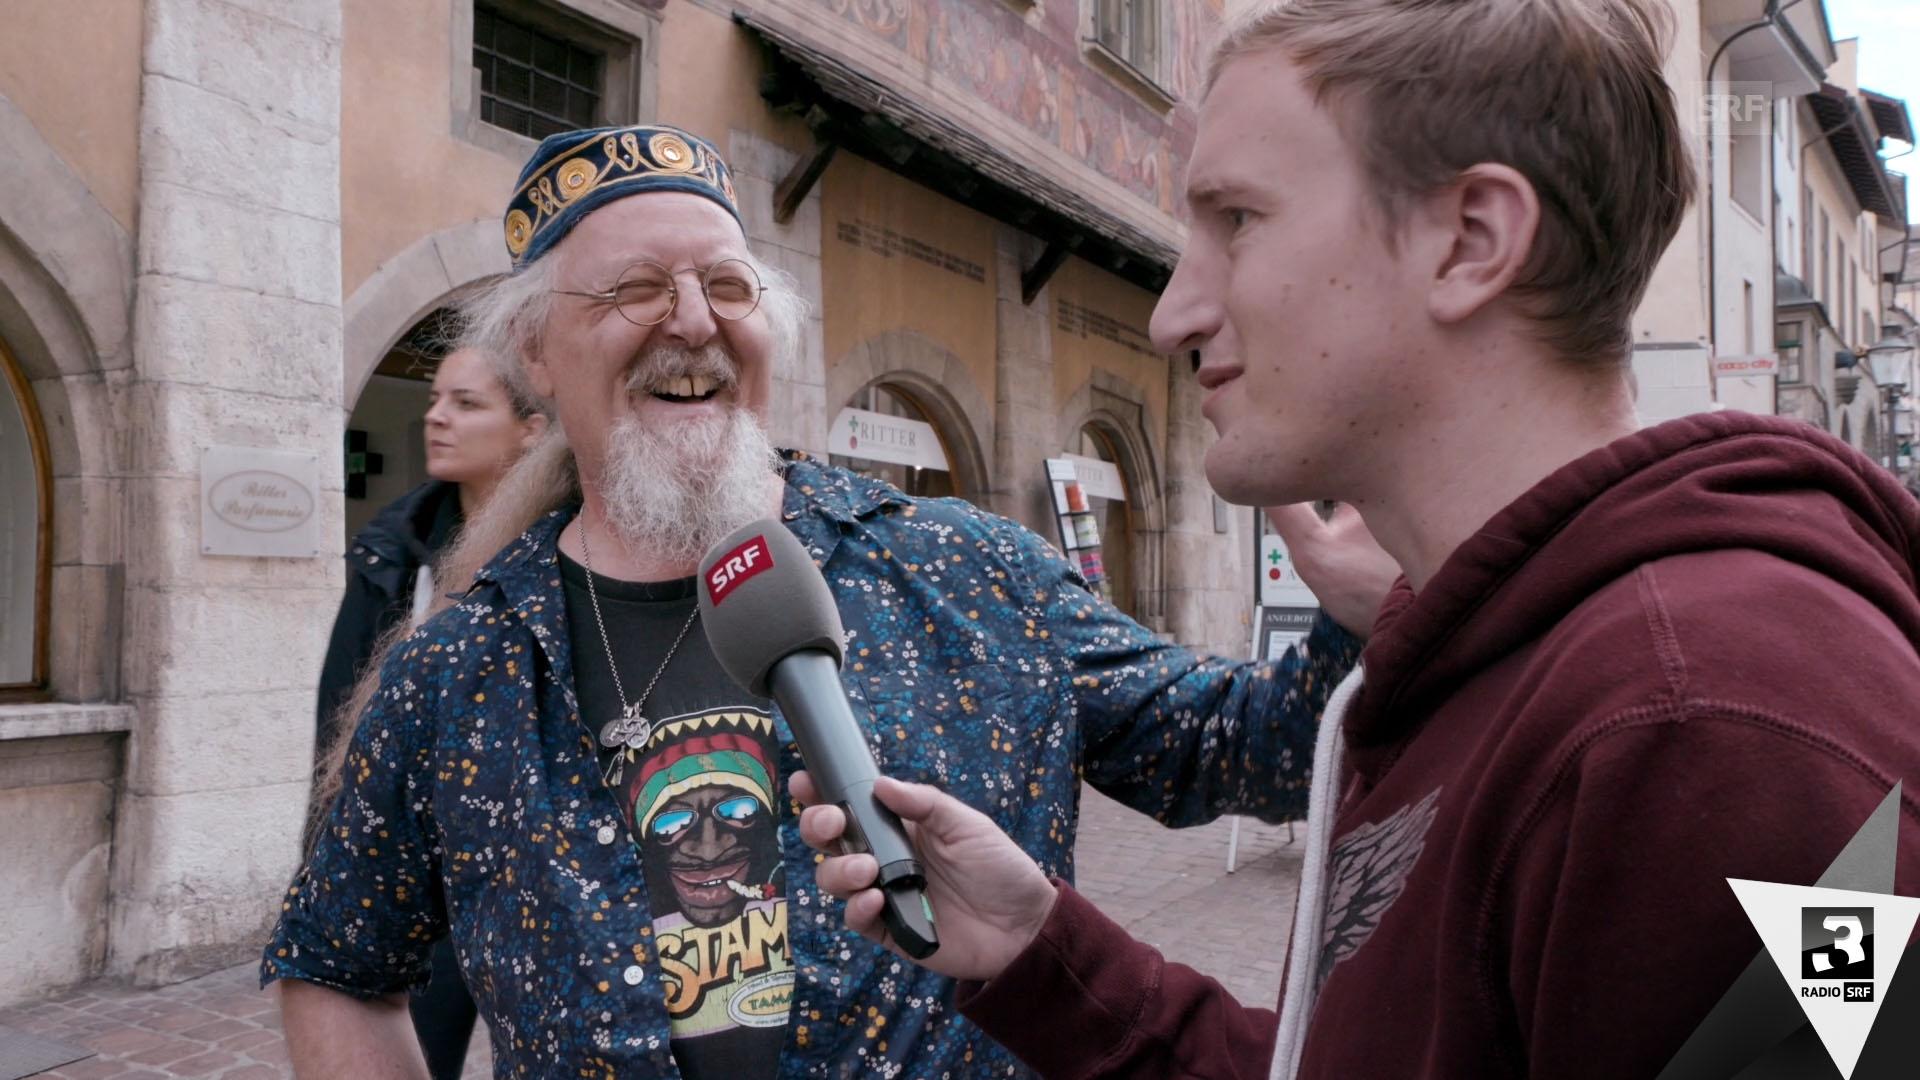 Büssi on Tour: Schaffhausen ist ein Rheinfall